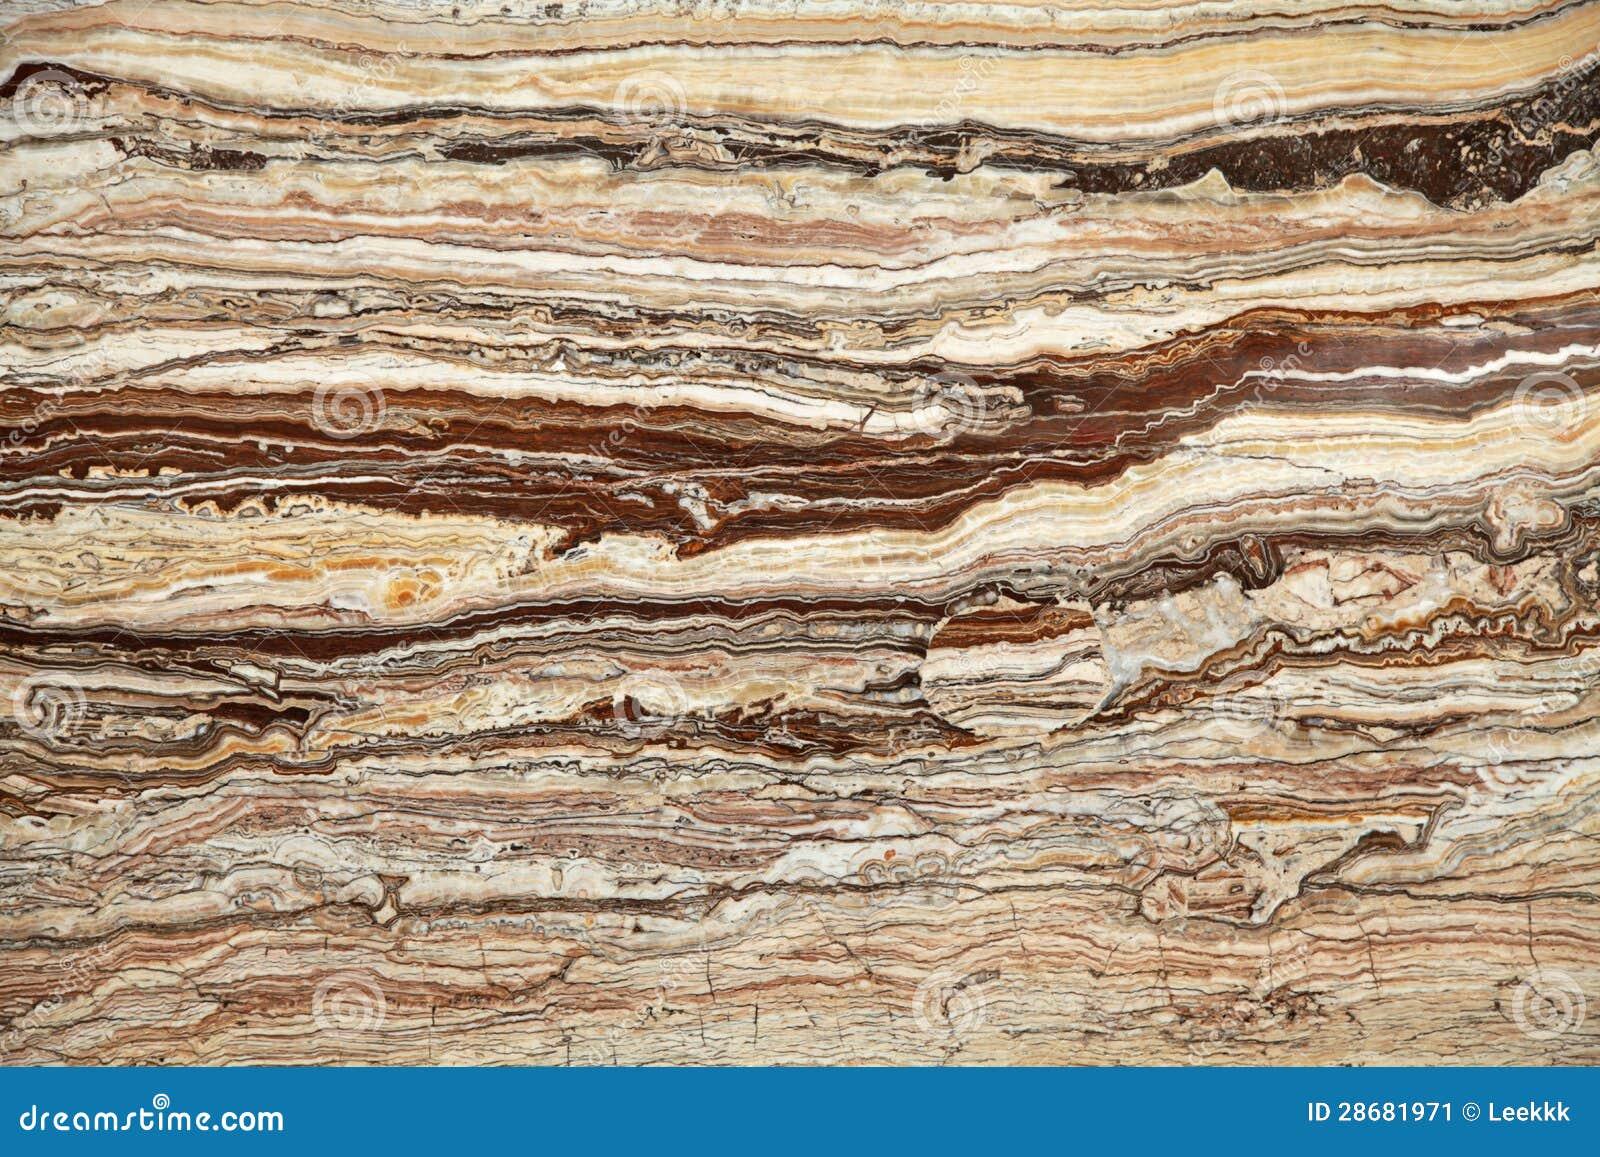 Onyx Stone Slabs : Marble onyx slab stone stock image of construction